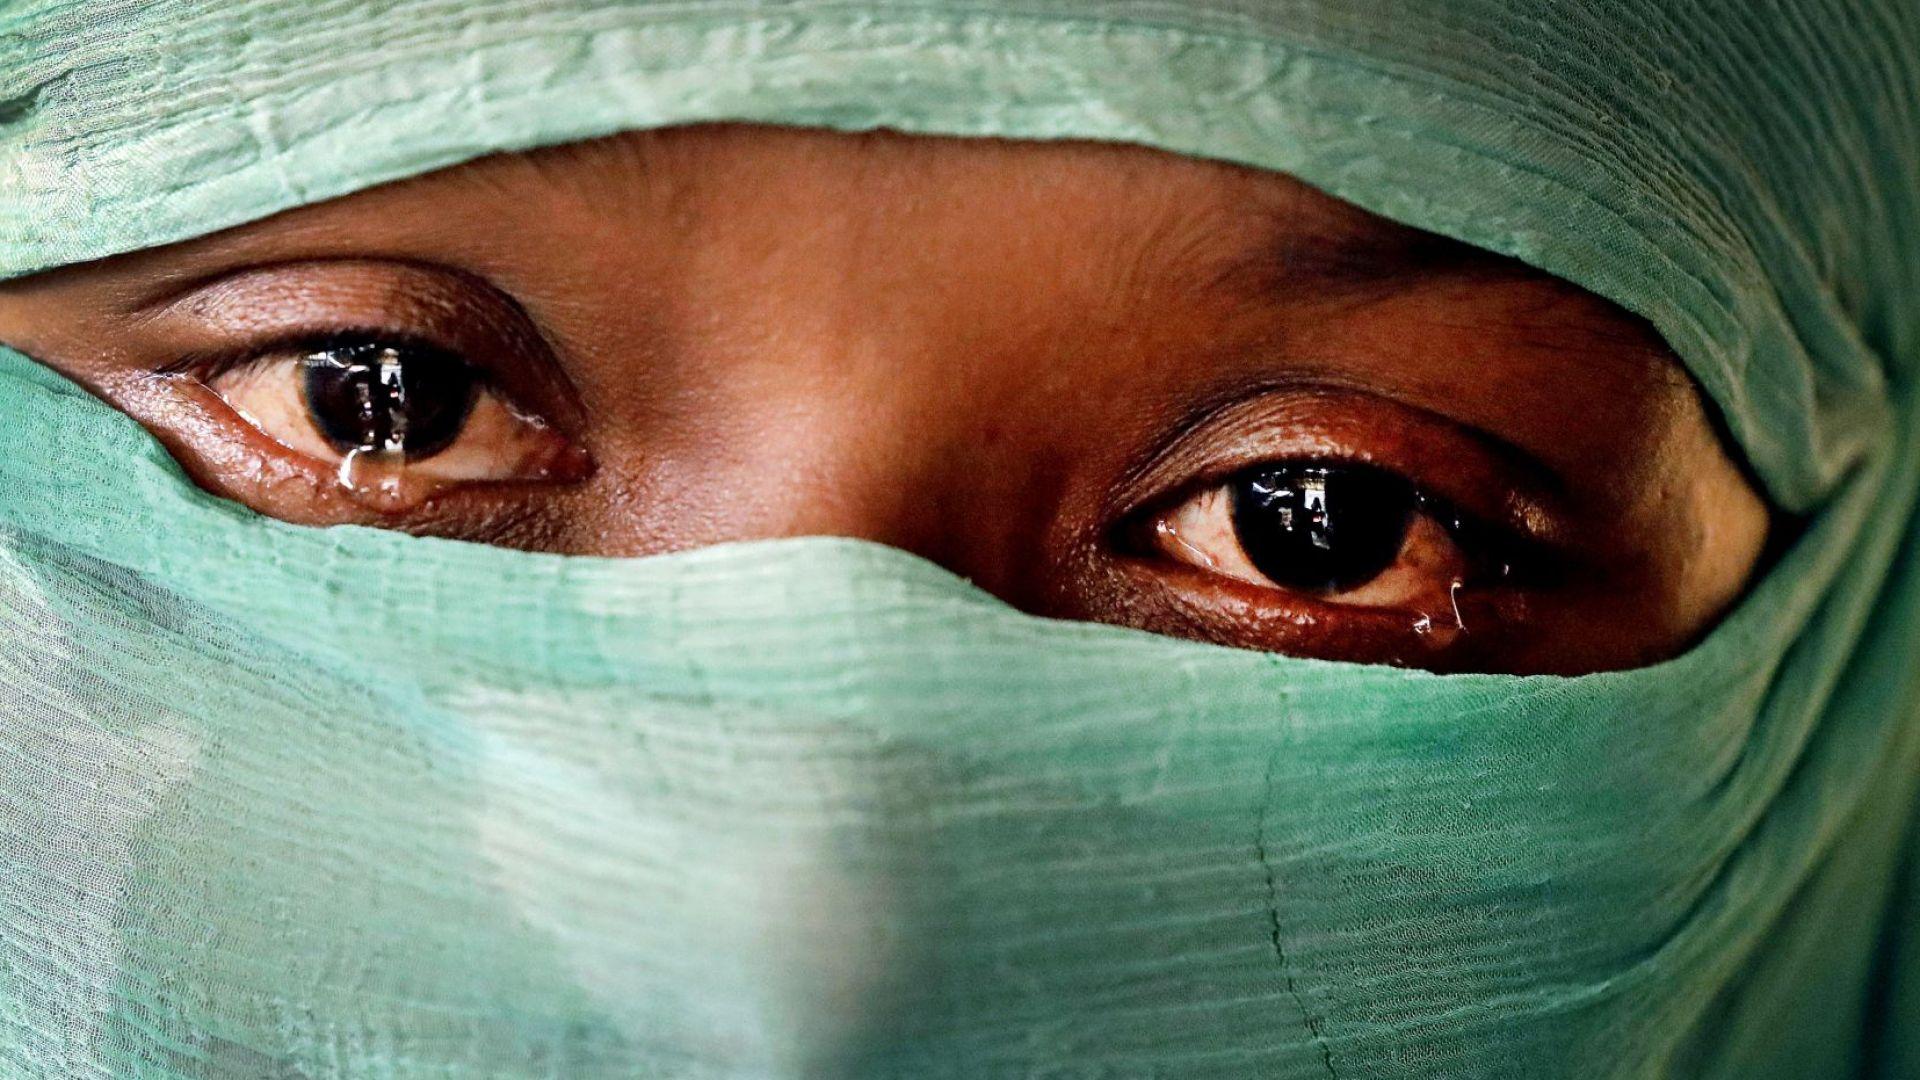 Нобеловият лауреат за мир Дени Муквеге десетки години лекува жертви на брутални изнасилвания